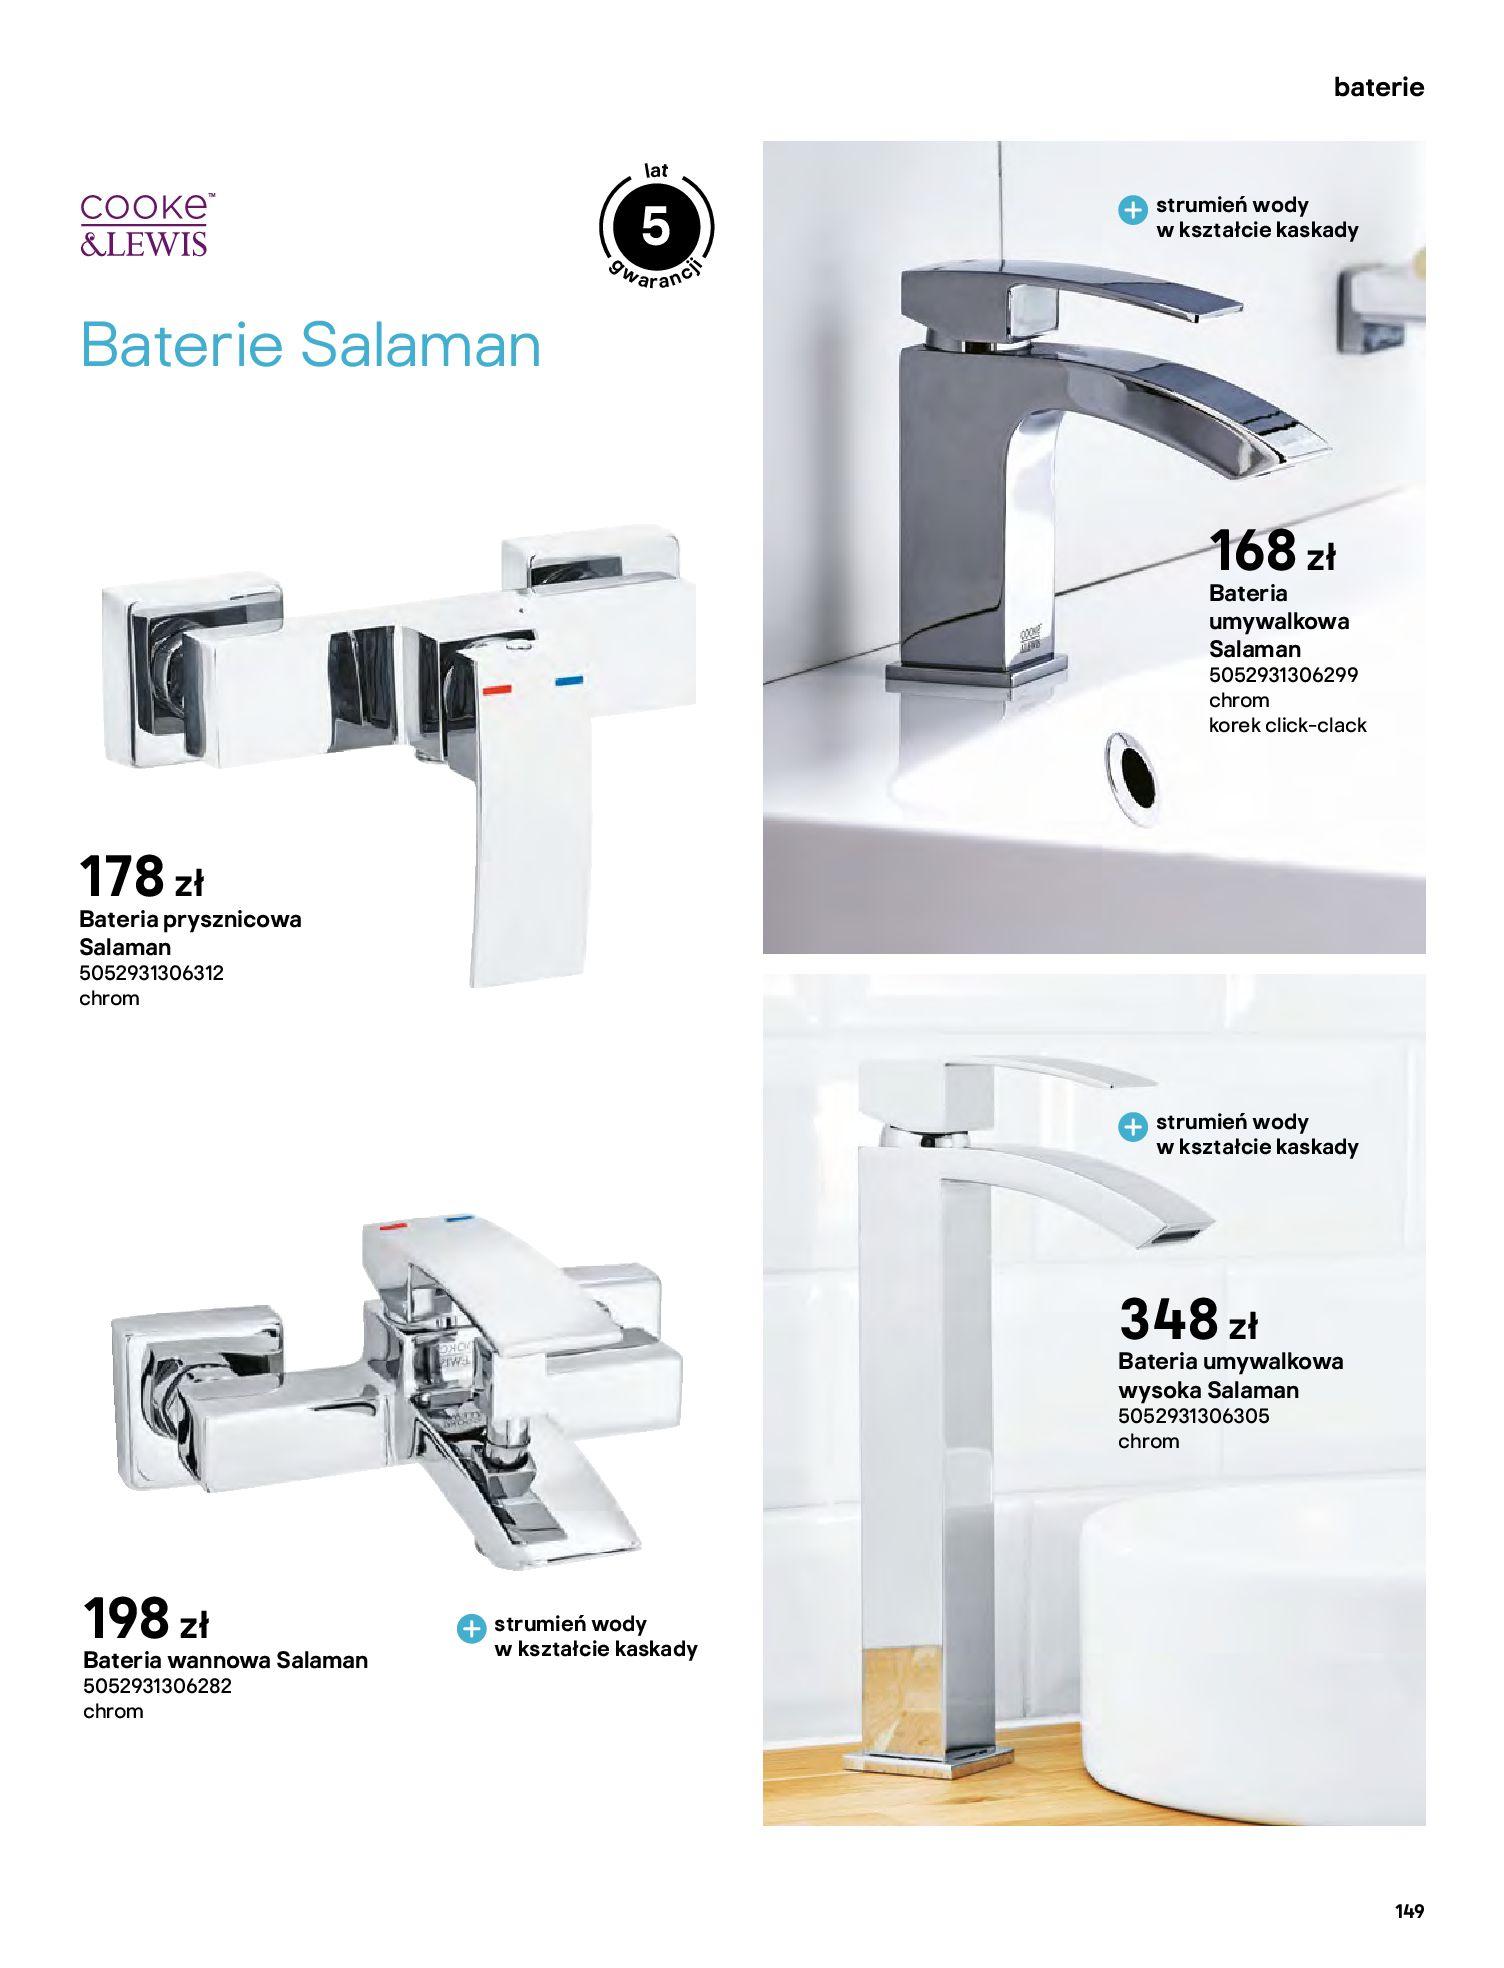 Gazetka Castorama: Gazetka Castorama - katalog łazienki 2021 2021-06-16 page-149